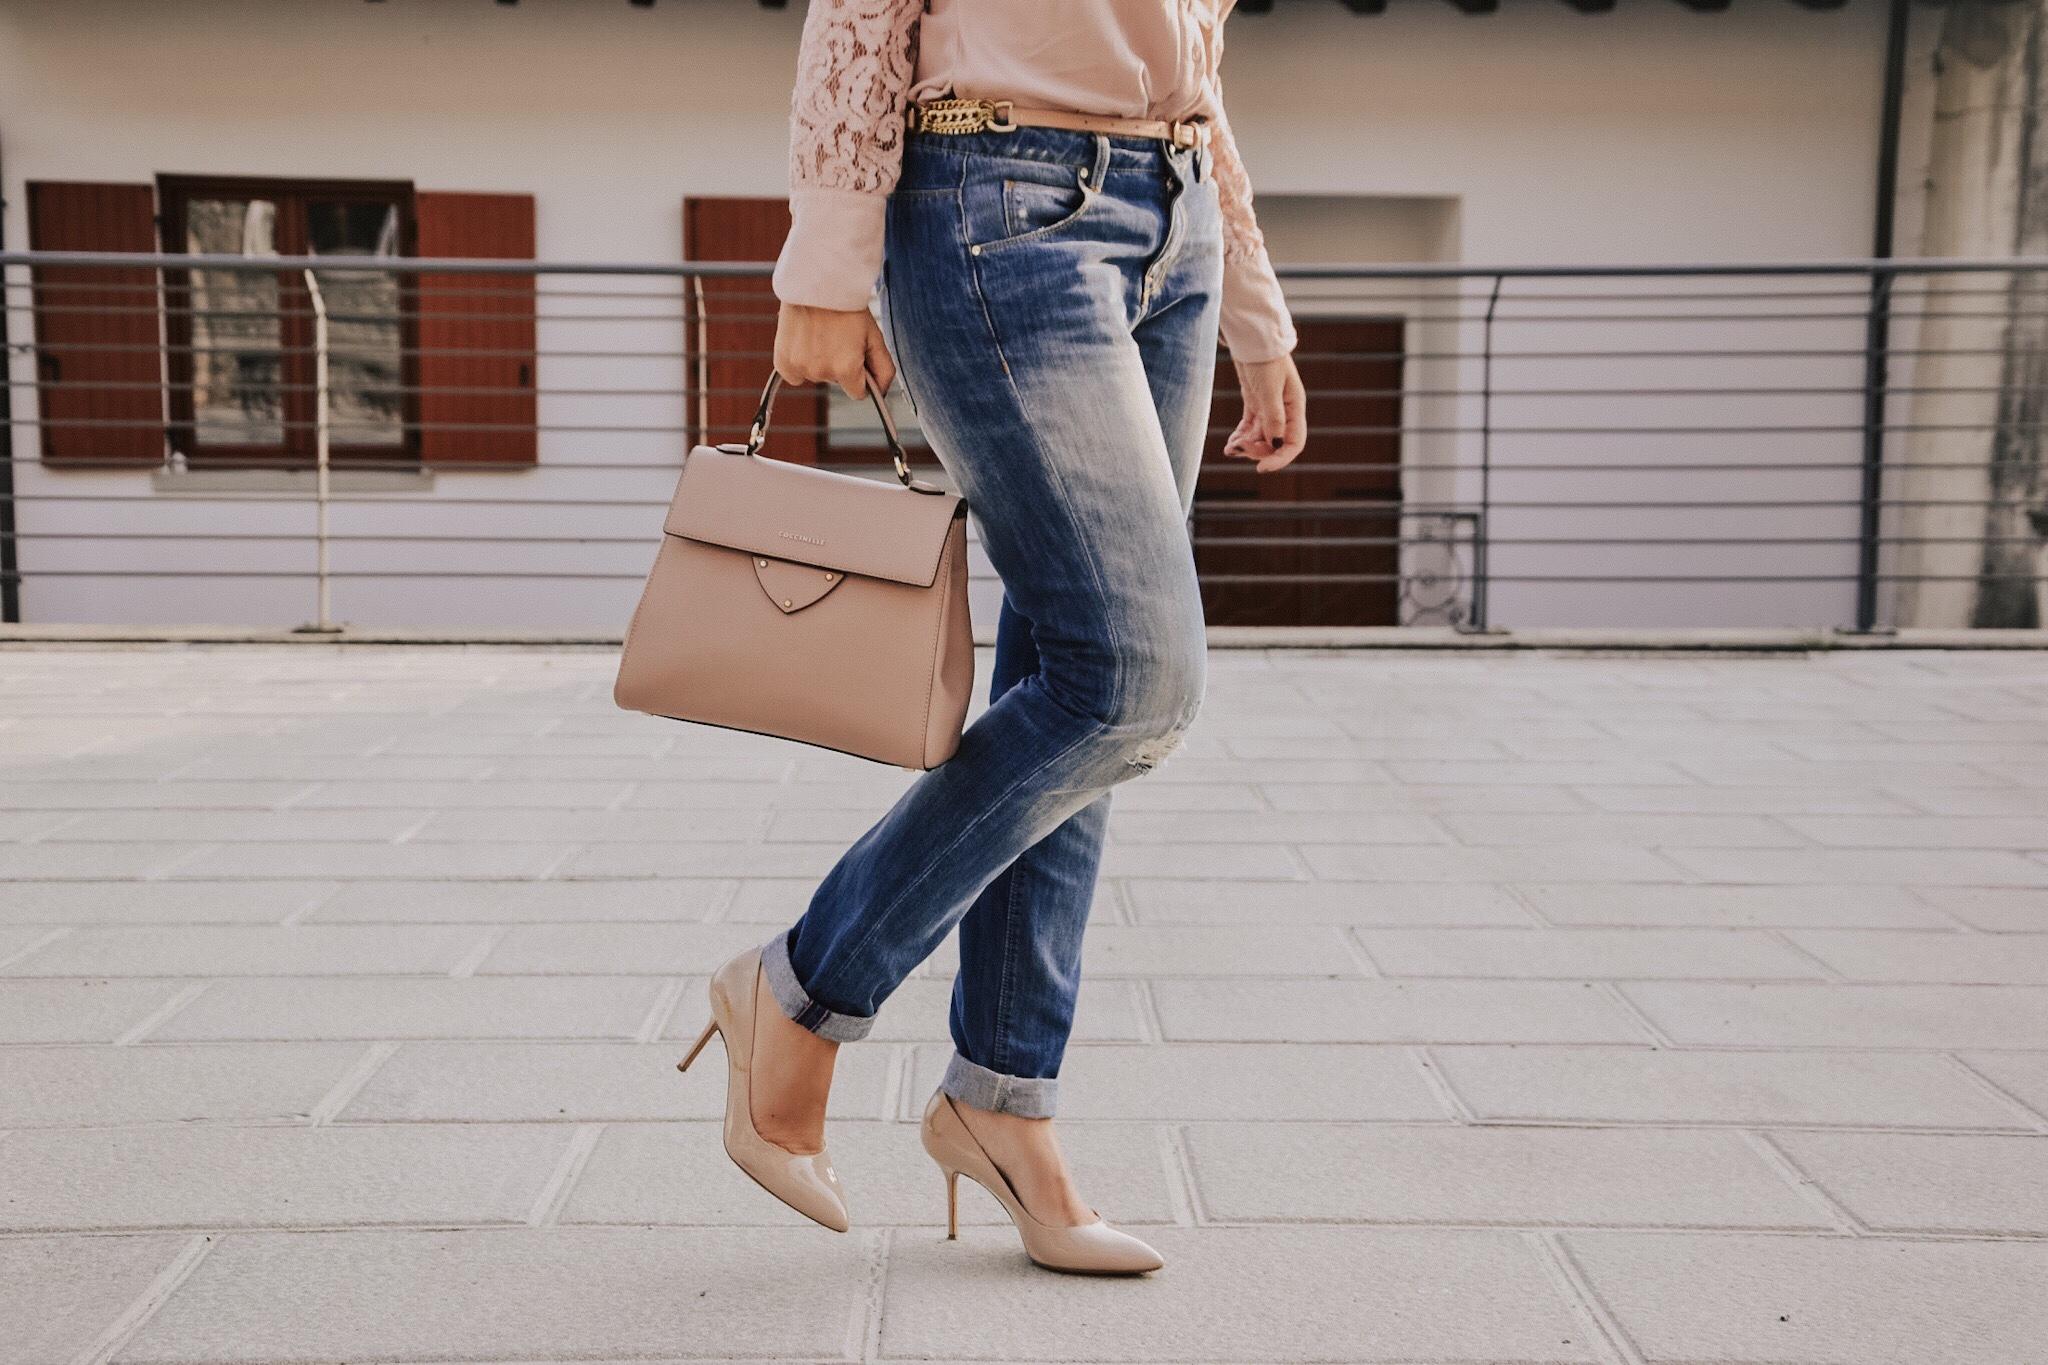 Come indossare i jeans boyfriend con una camicia rosa - The Fashion Cherry Diary